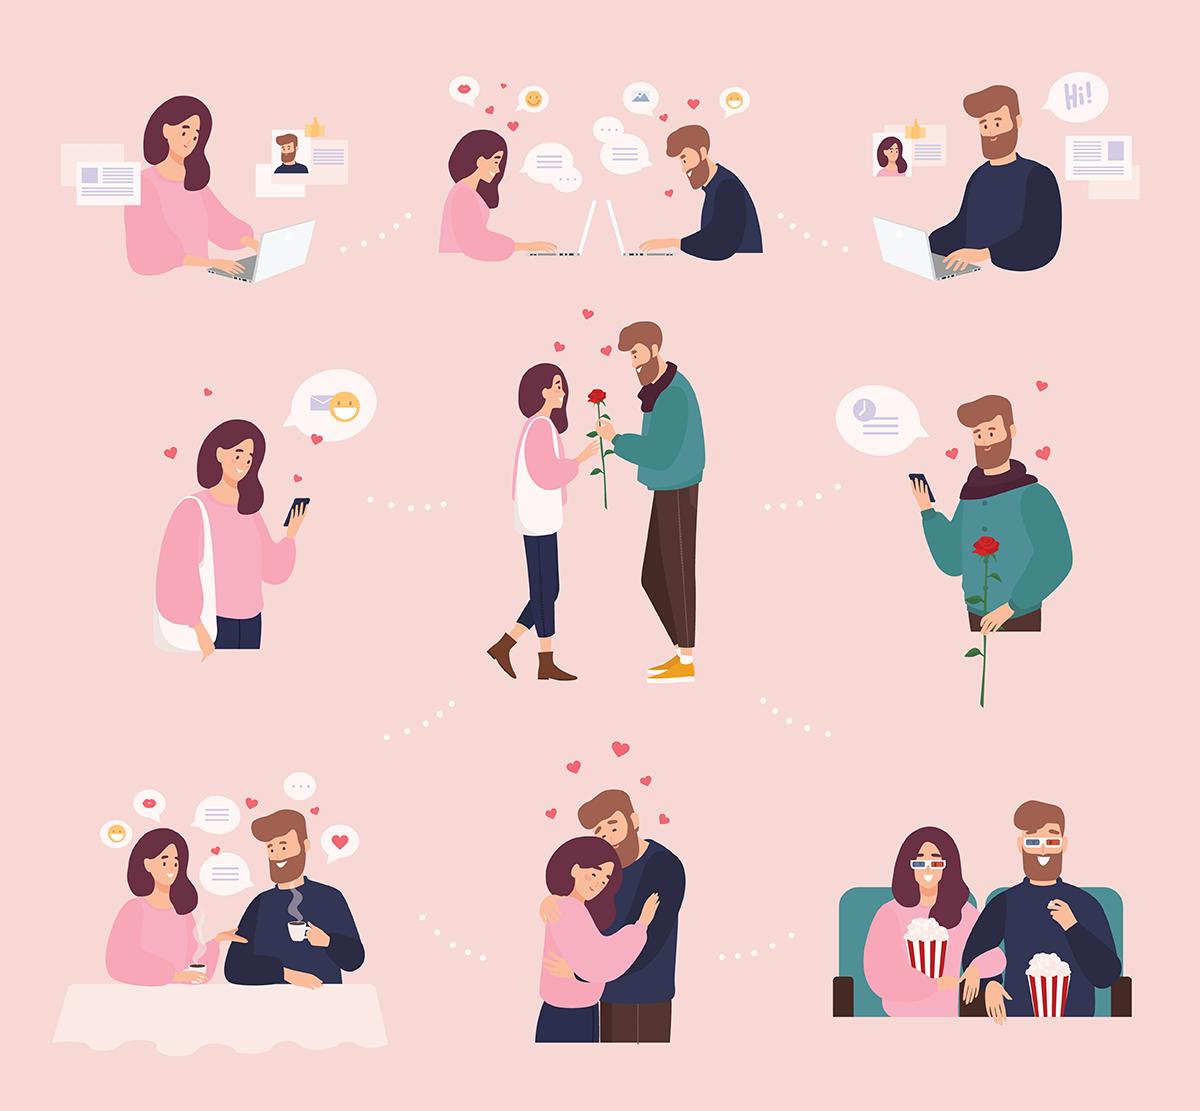 Khám phá phong cách hẹn hò của bạn dựa trên 16 kiểu tính cách MBTI - 3